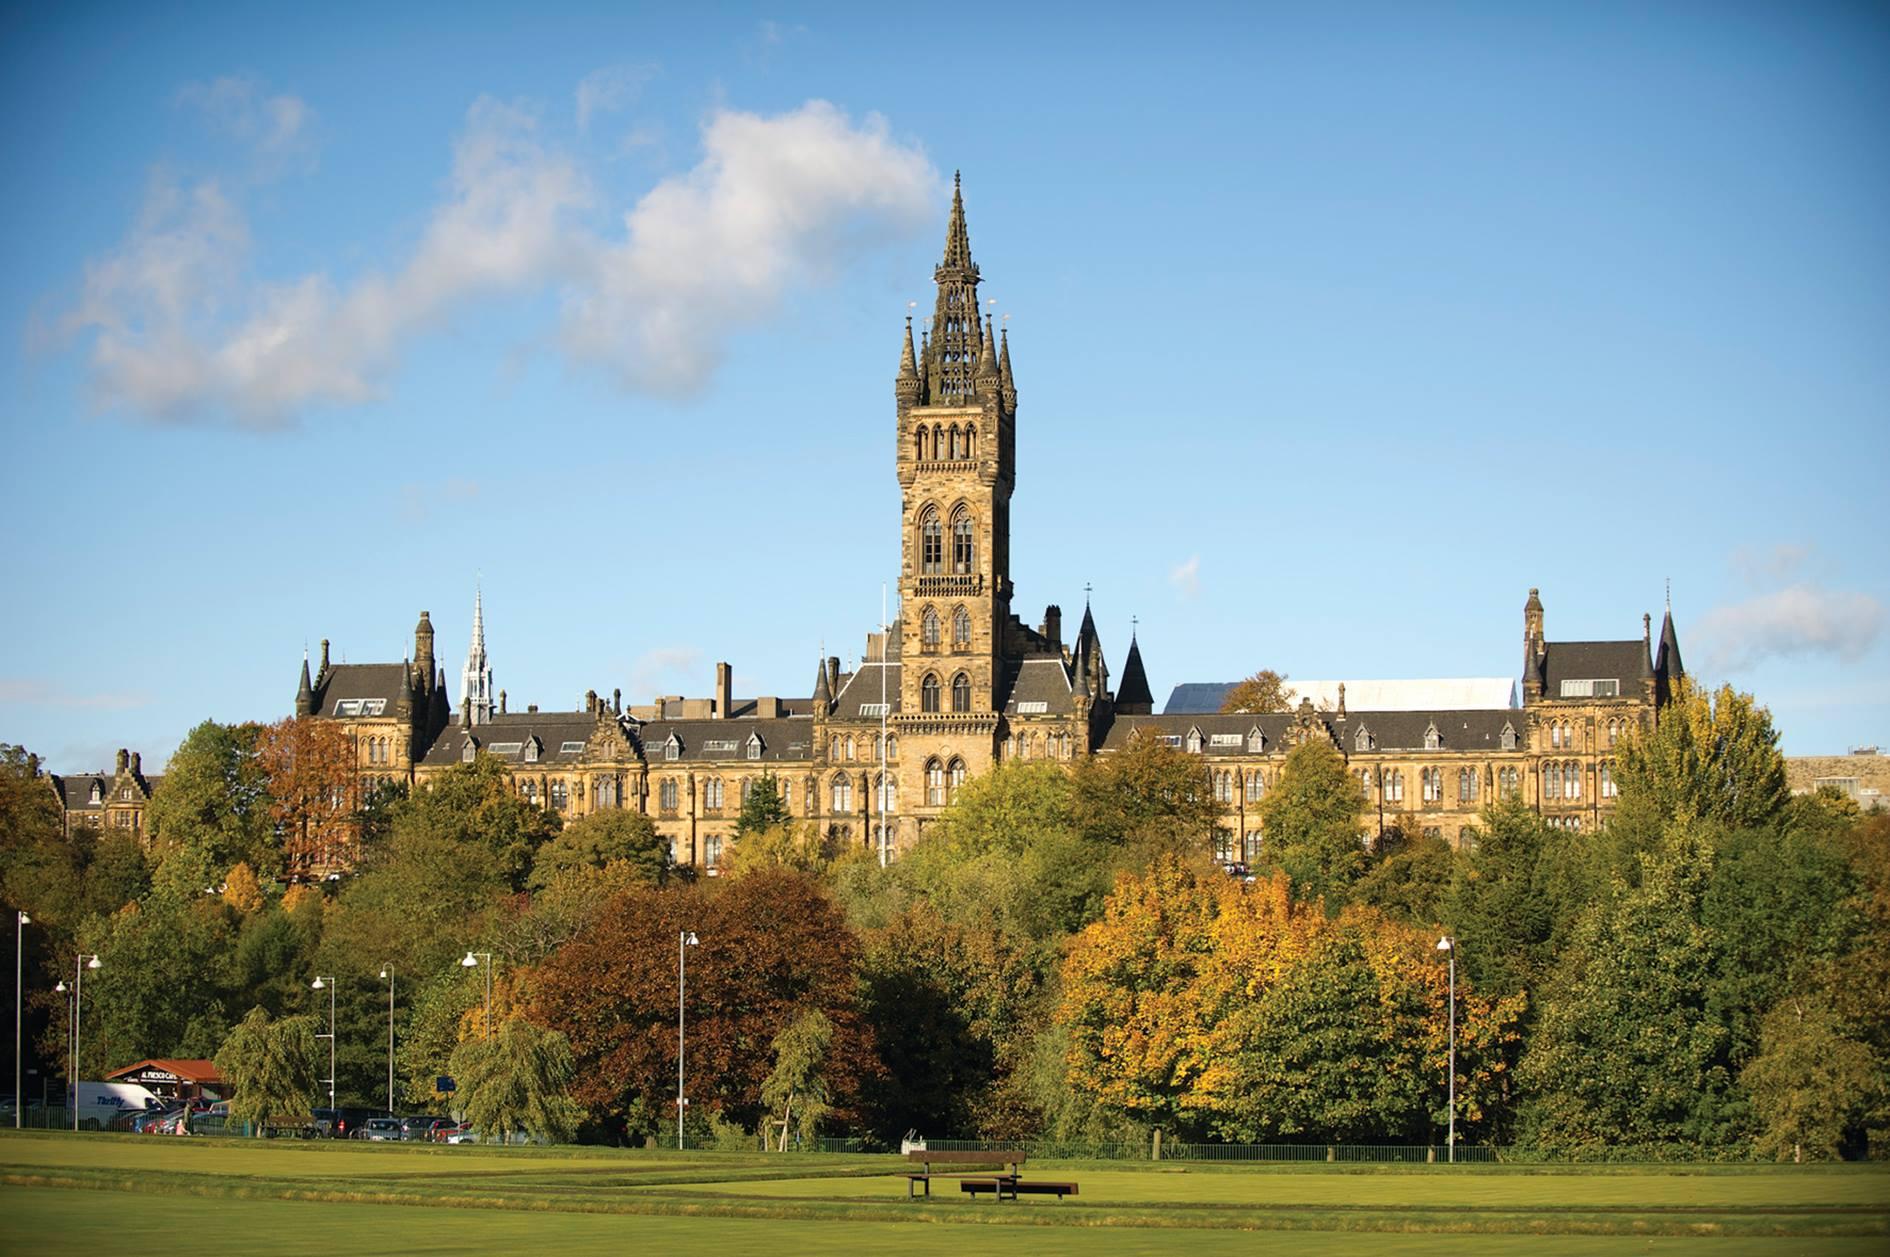 The University of Glasgow – UOFG Campus